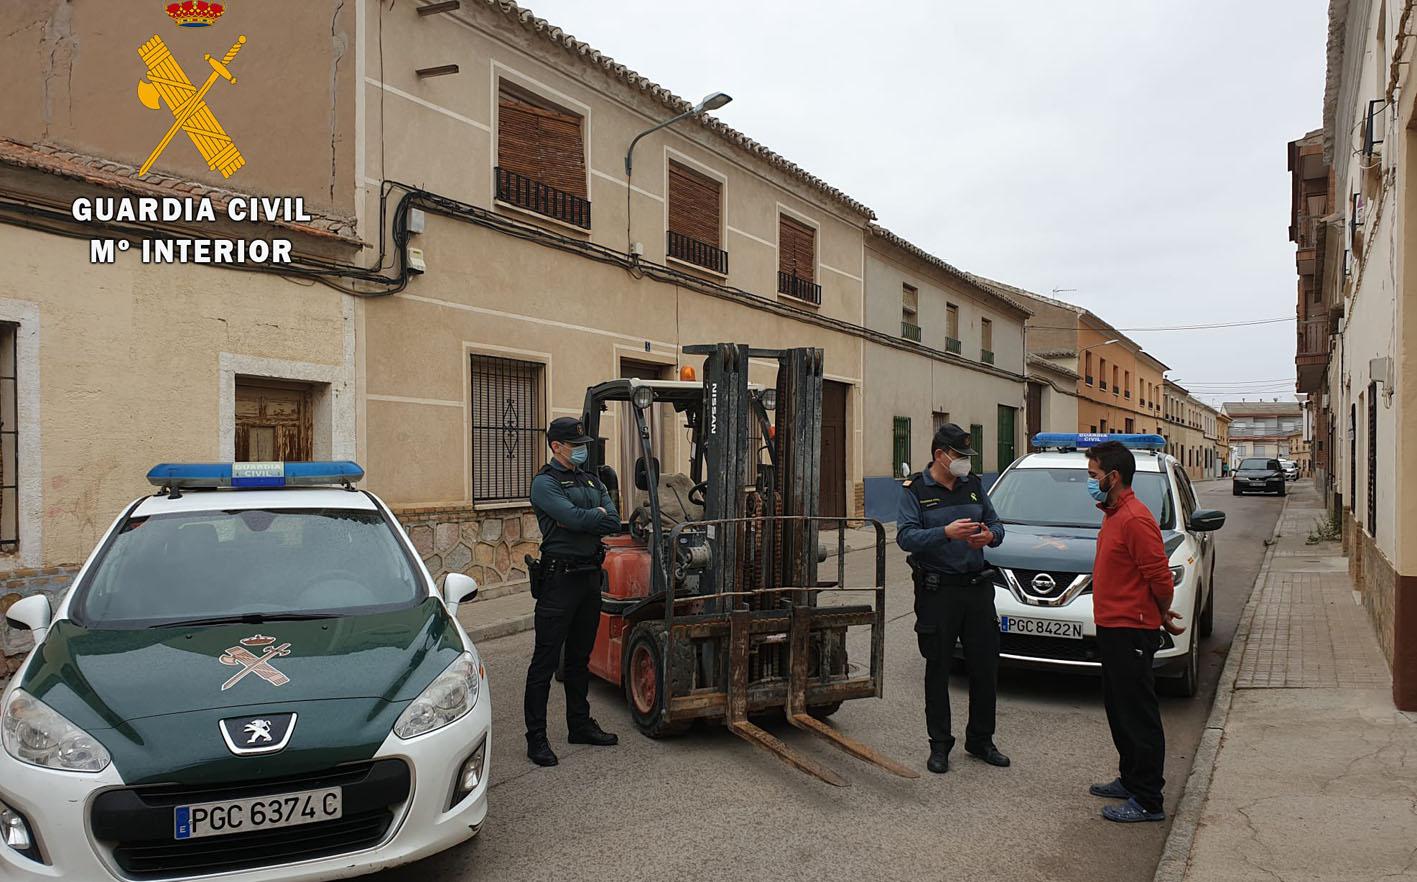 La Guardia Civil ha detenido a una persona de 36 años como presunto autor de los robos.